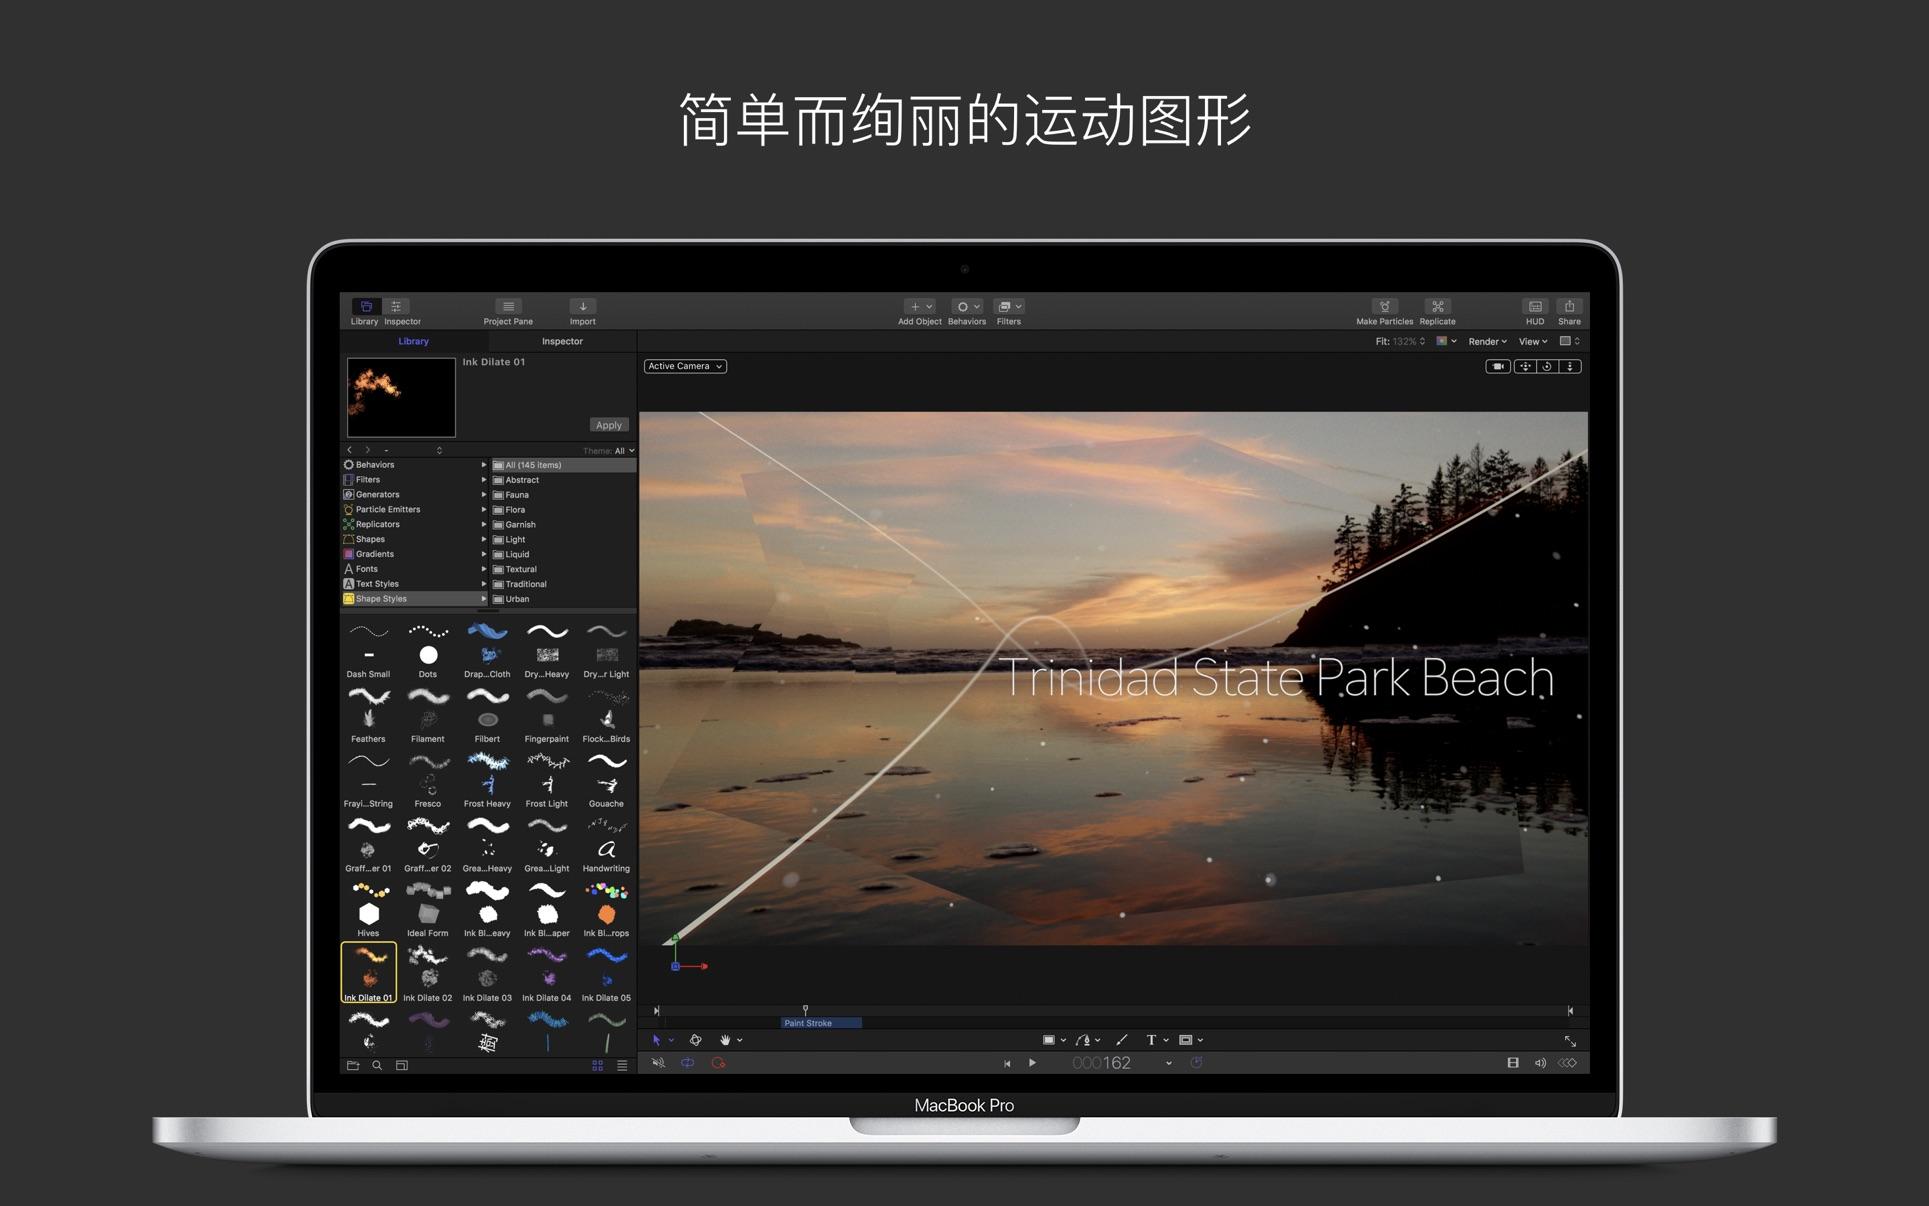 影视编辑 Motion Mac 破解版 FinalCutPro字幕、转场和效果特效软件-麦氪派